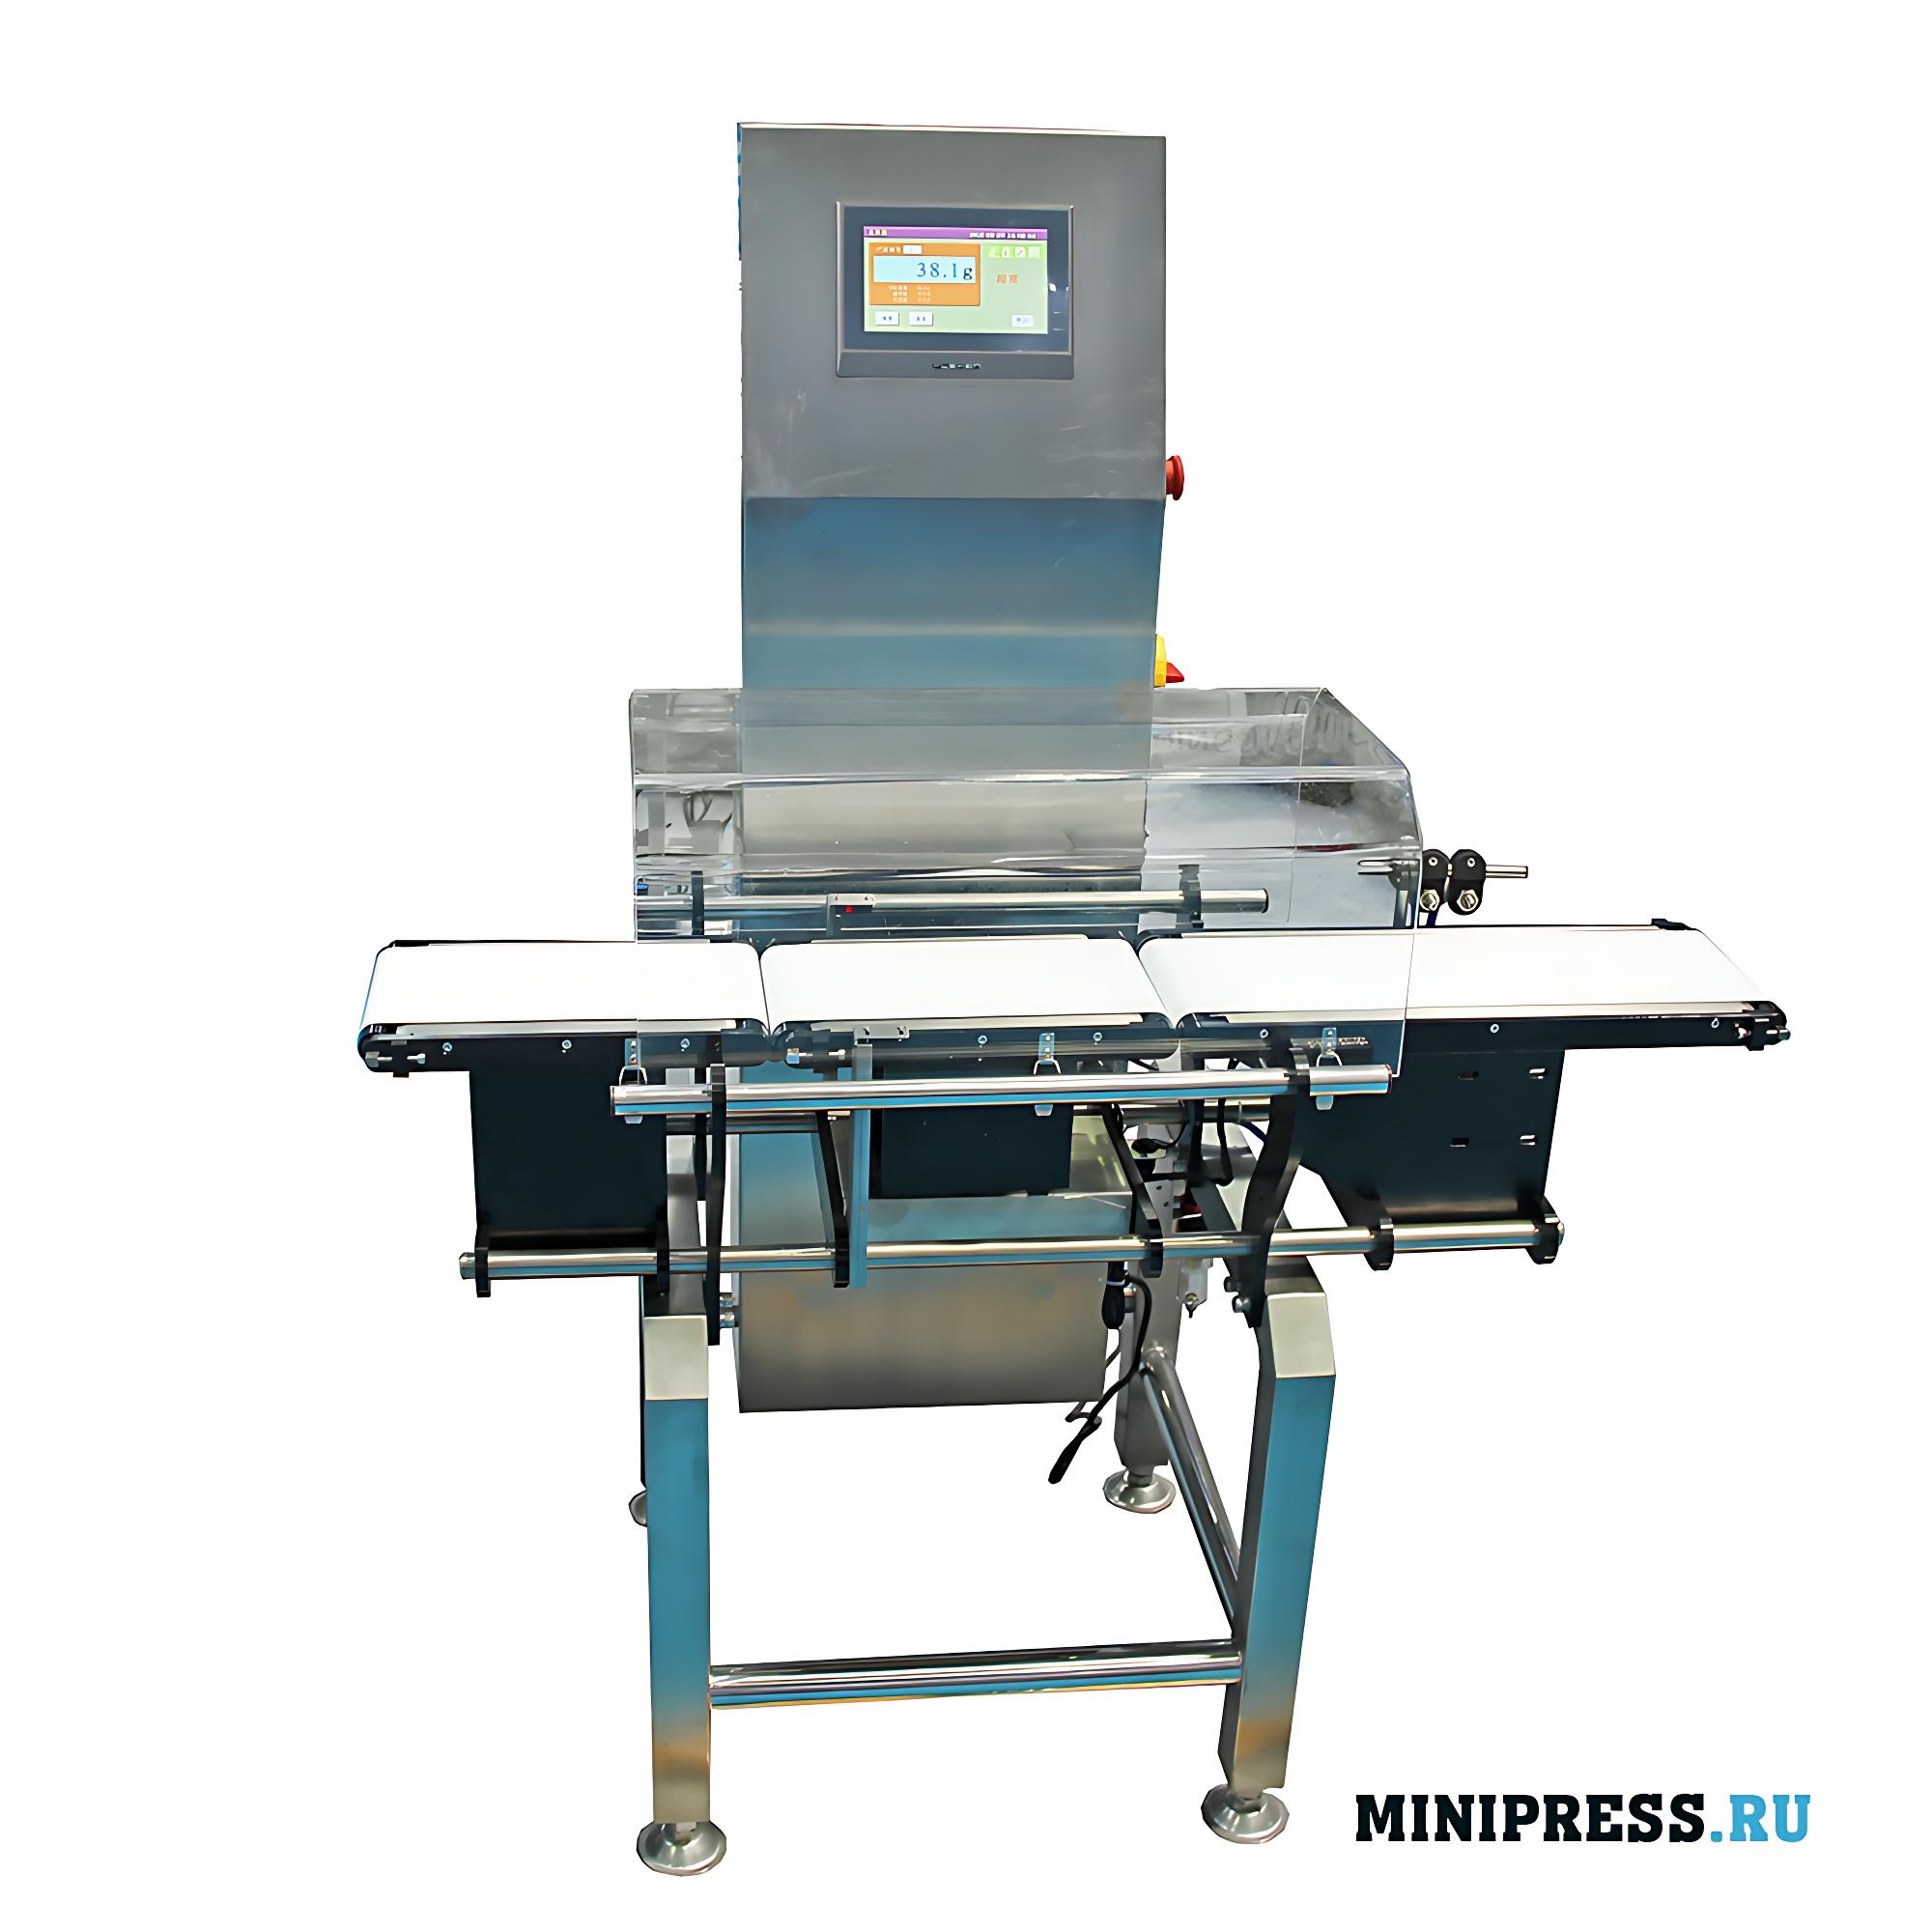 Оборудование для контроля веса товаров на конвейерной ленте